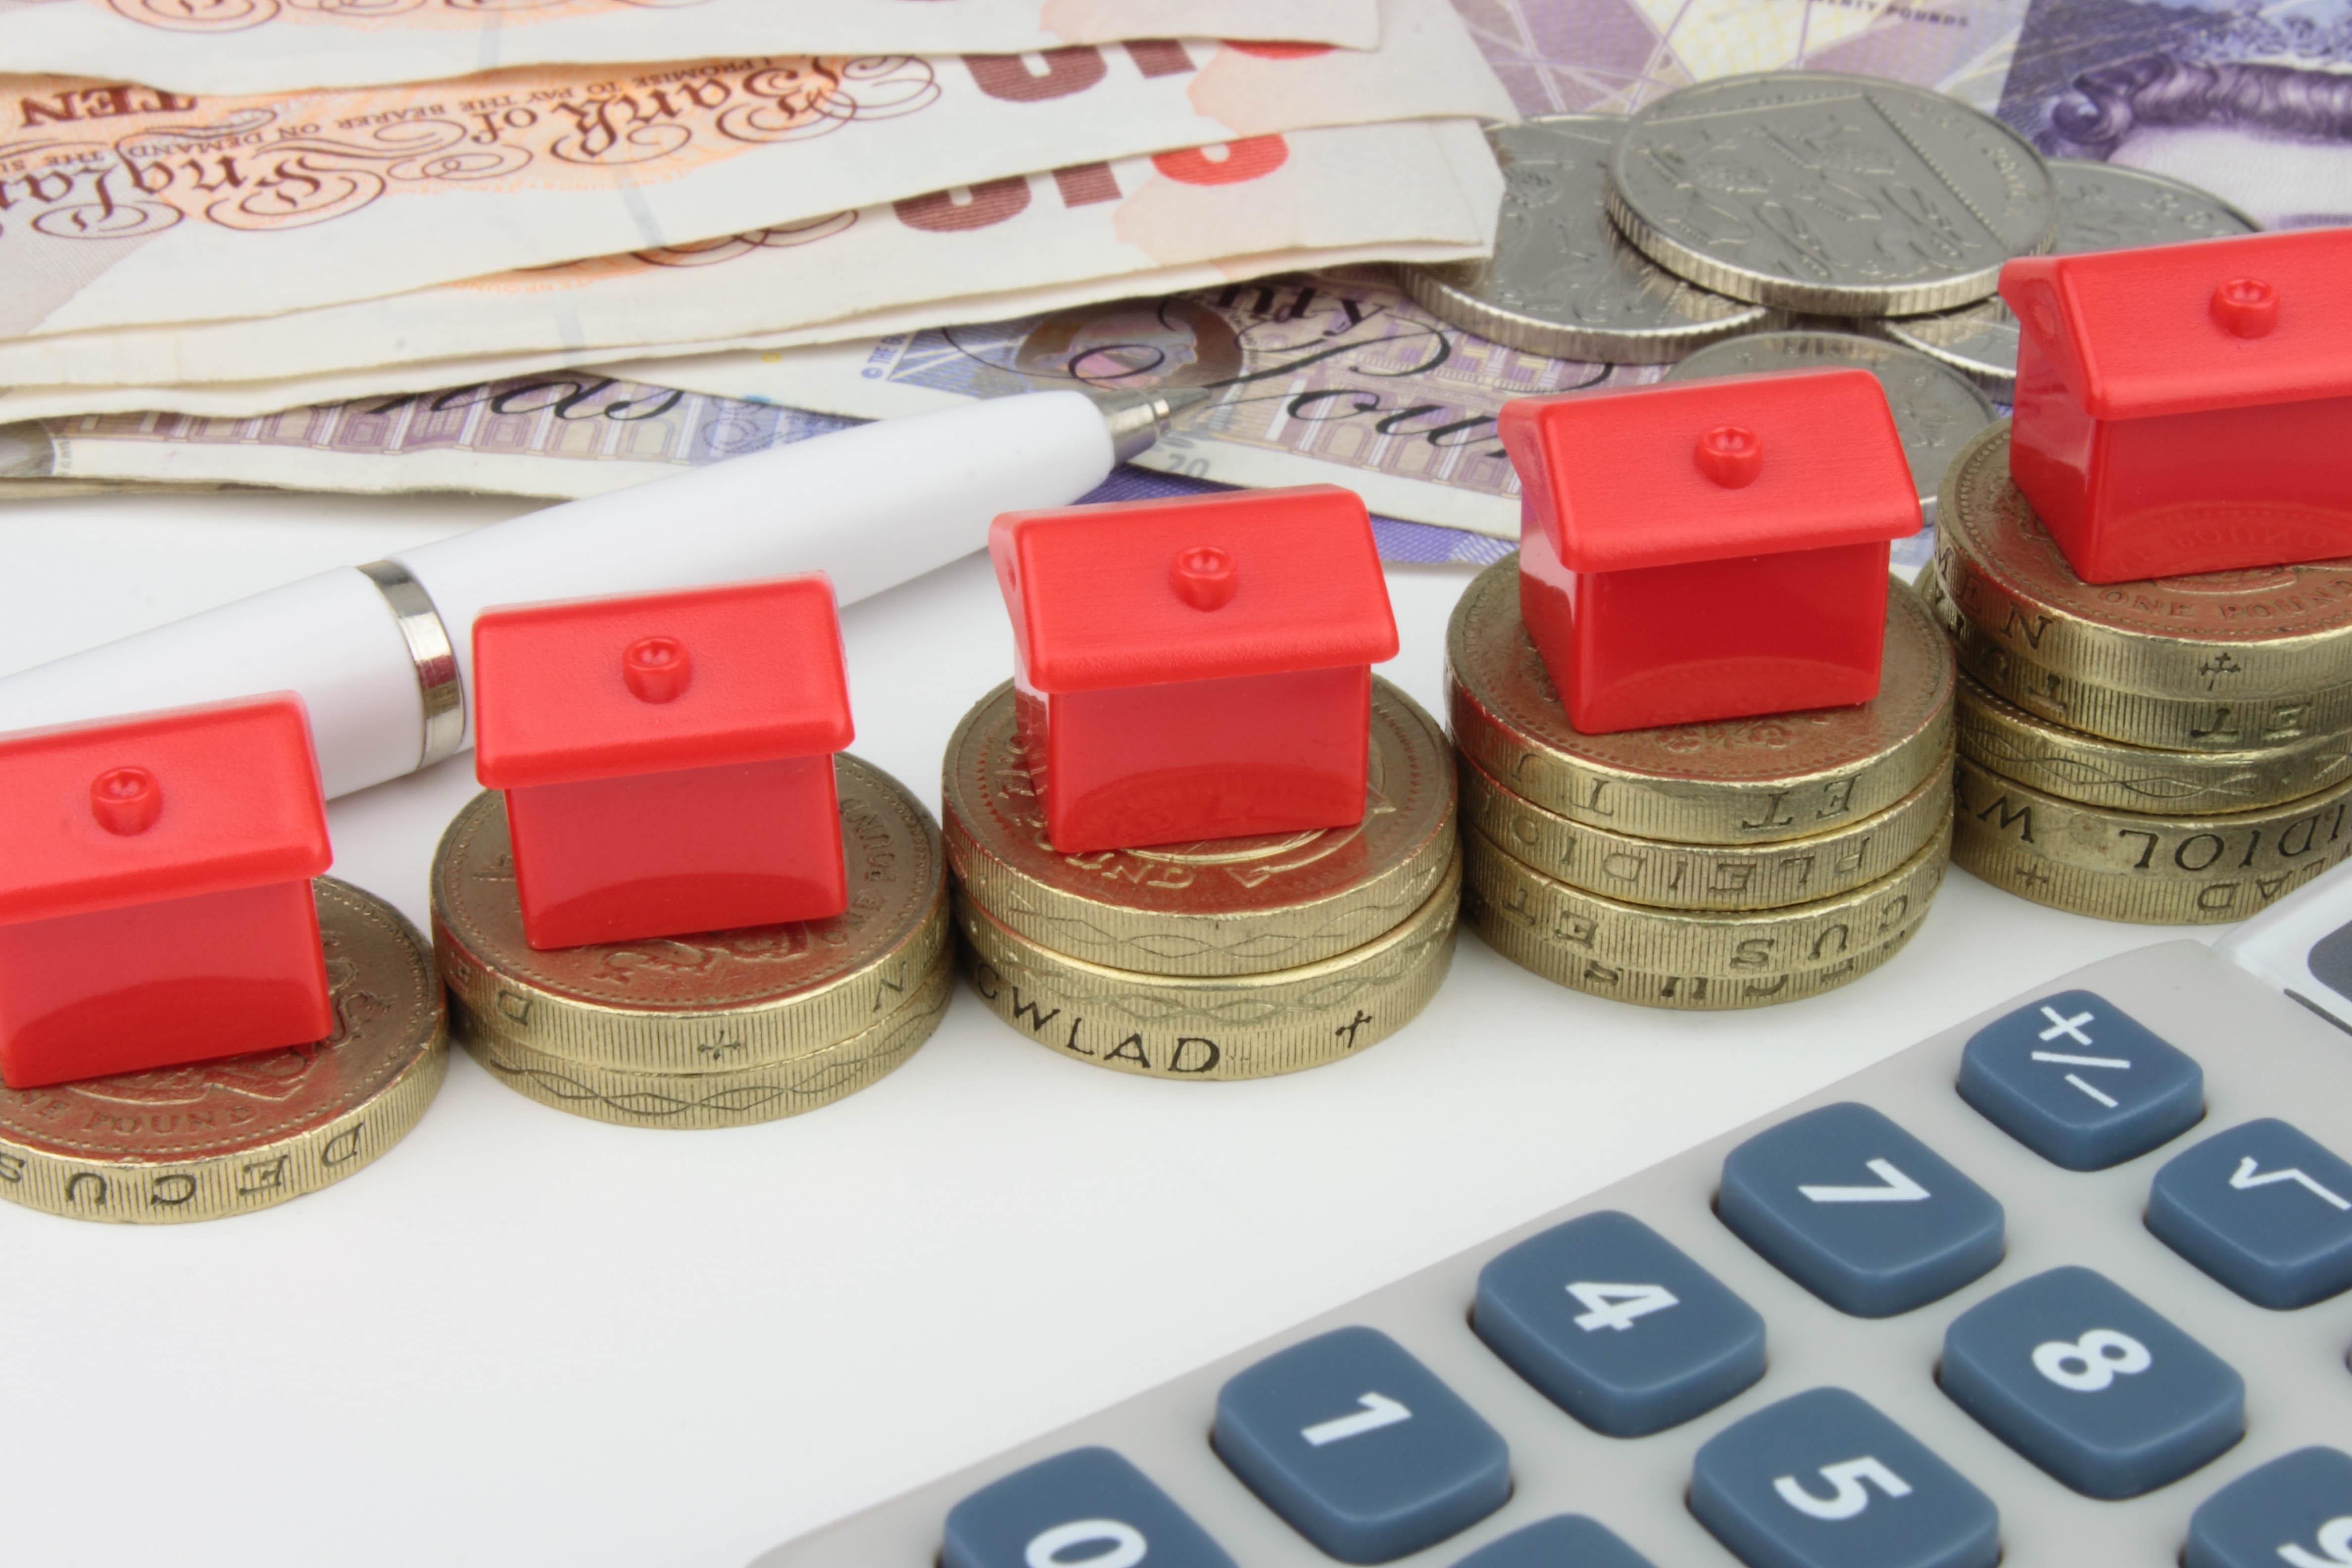 Experts predict modest price rises through 2020… - https://roomslocal.co.uk/blog/experts-predict-modest-price-rises-through-2020 #predict #modest #price #rises #through